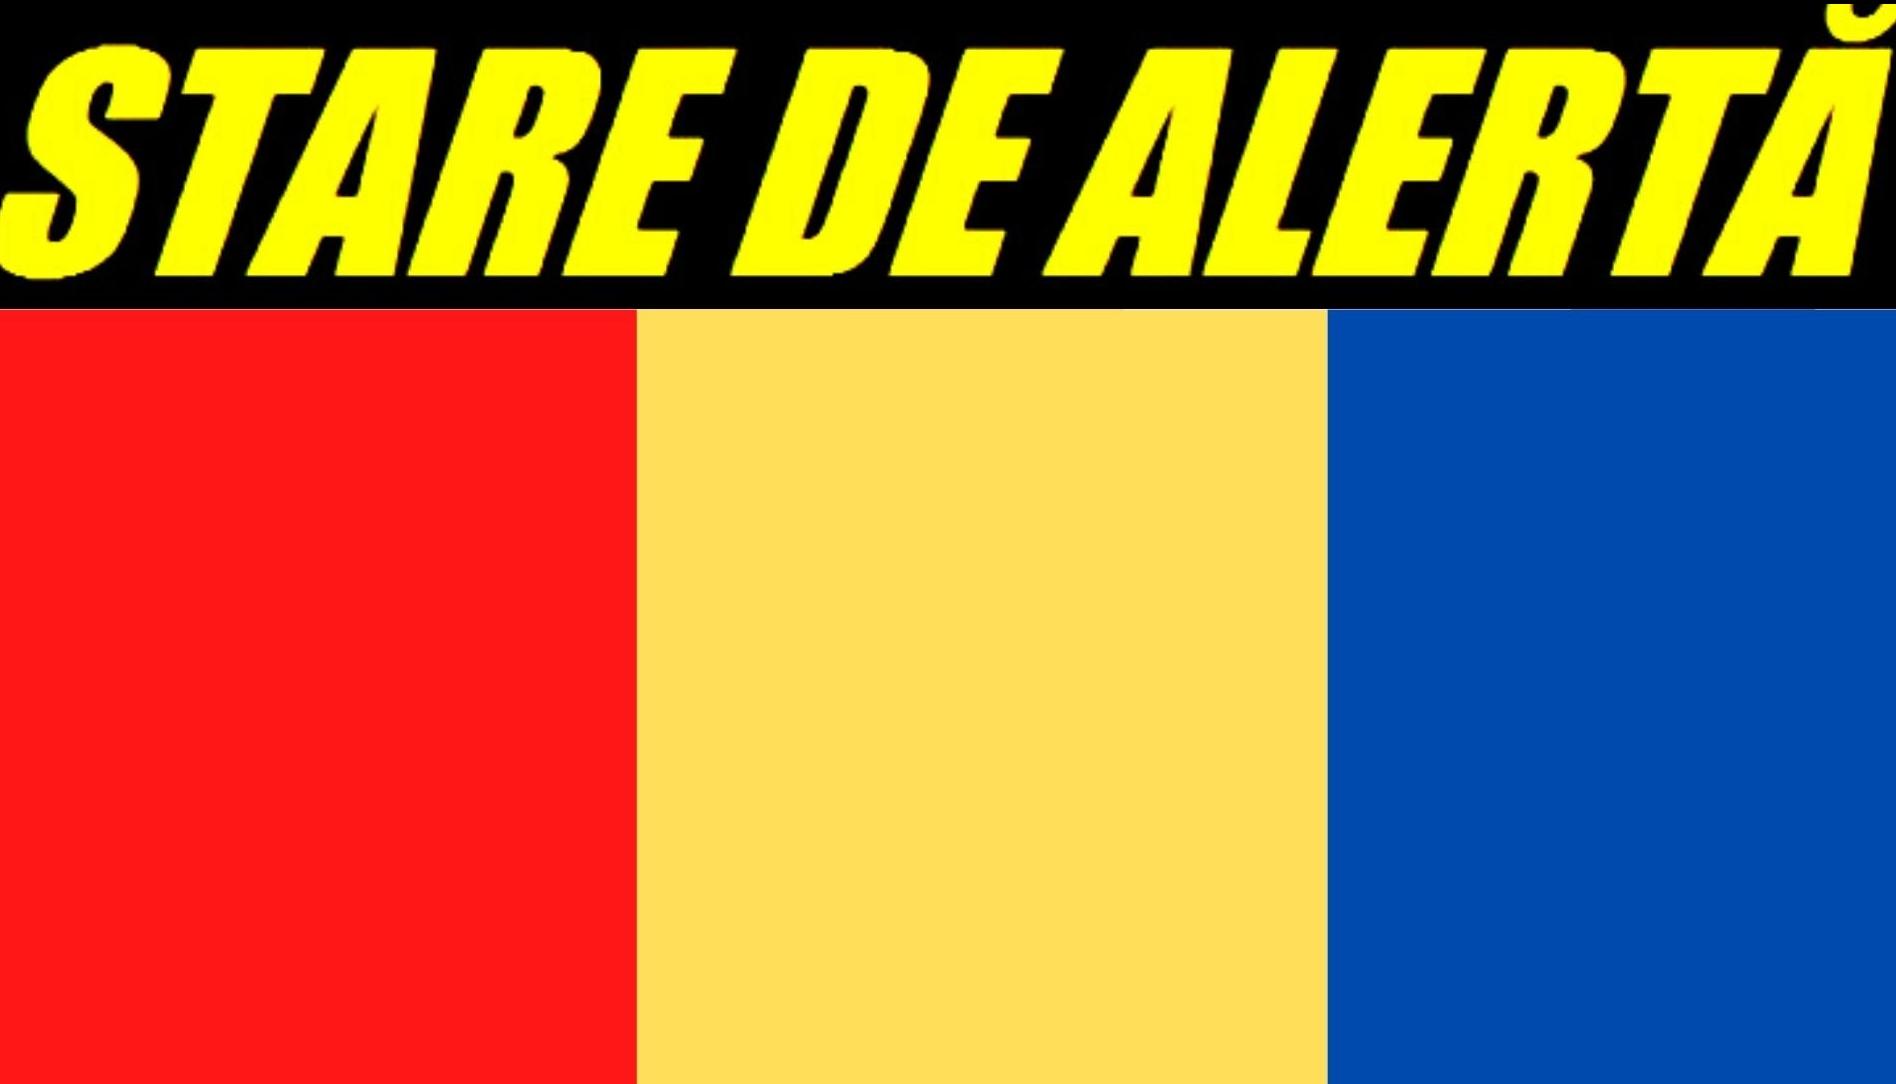 România este în stare de alertă din 15 mai. S-au schimbat regulile